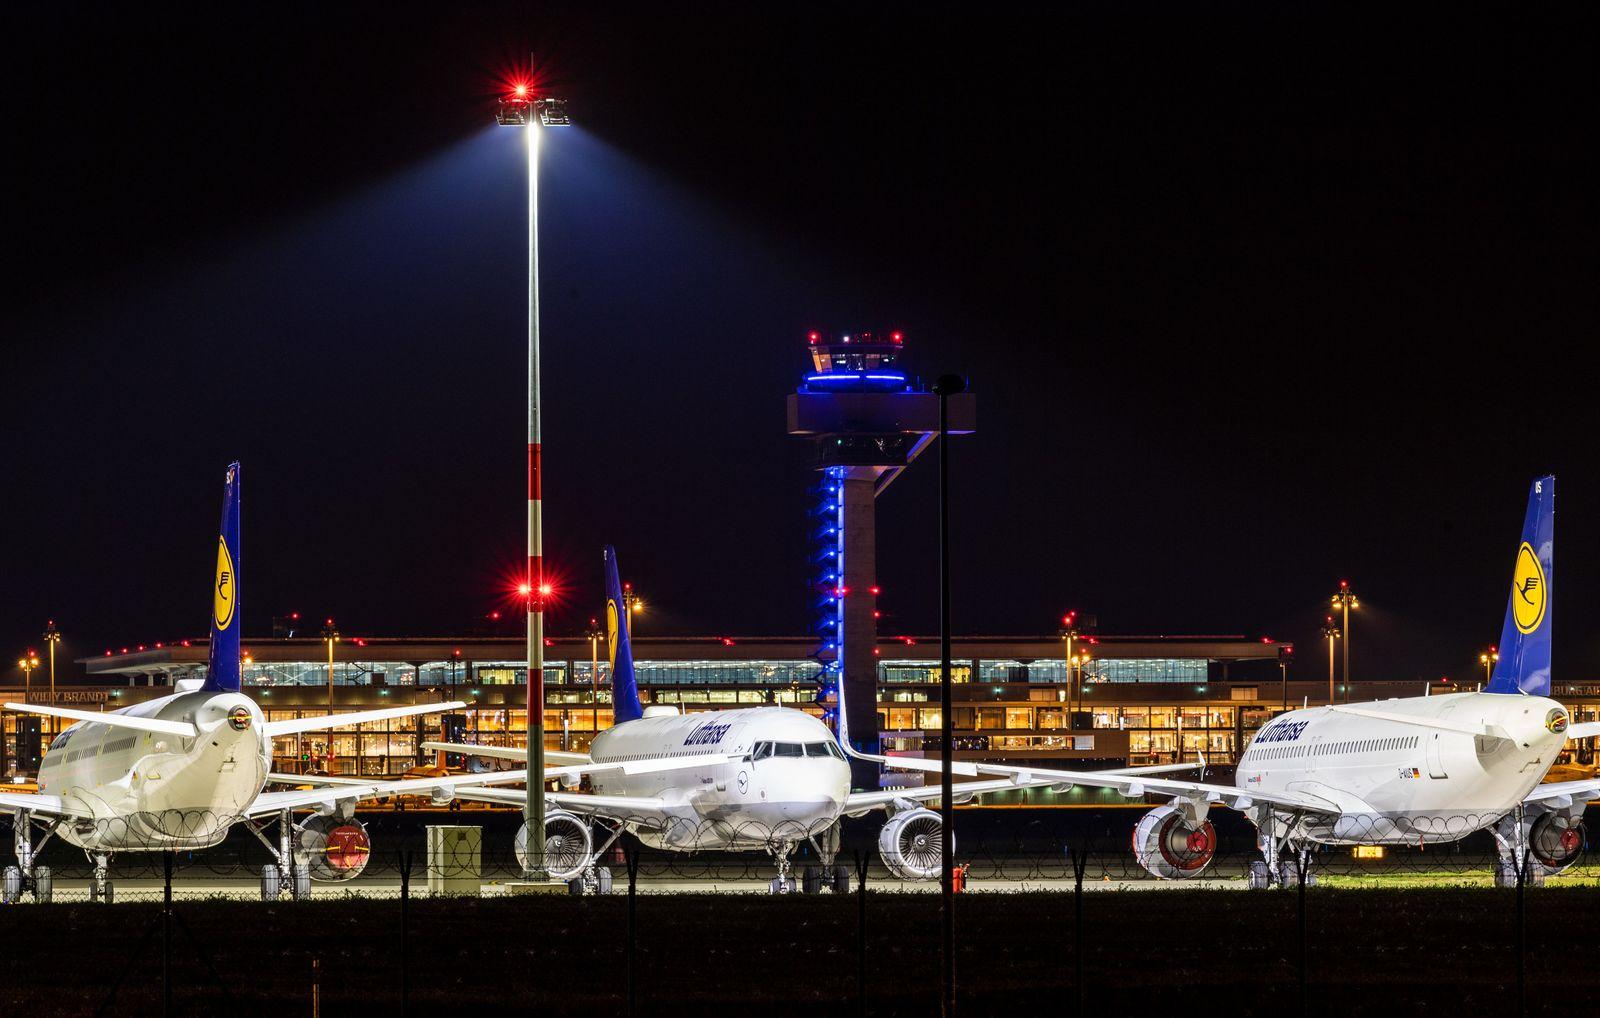 EU-Kommission verteidigt Auflagen für staatliche Lufthansa-Hilfen